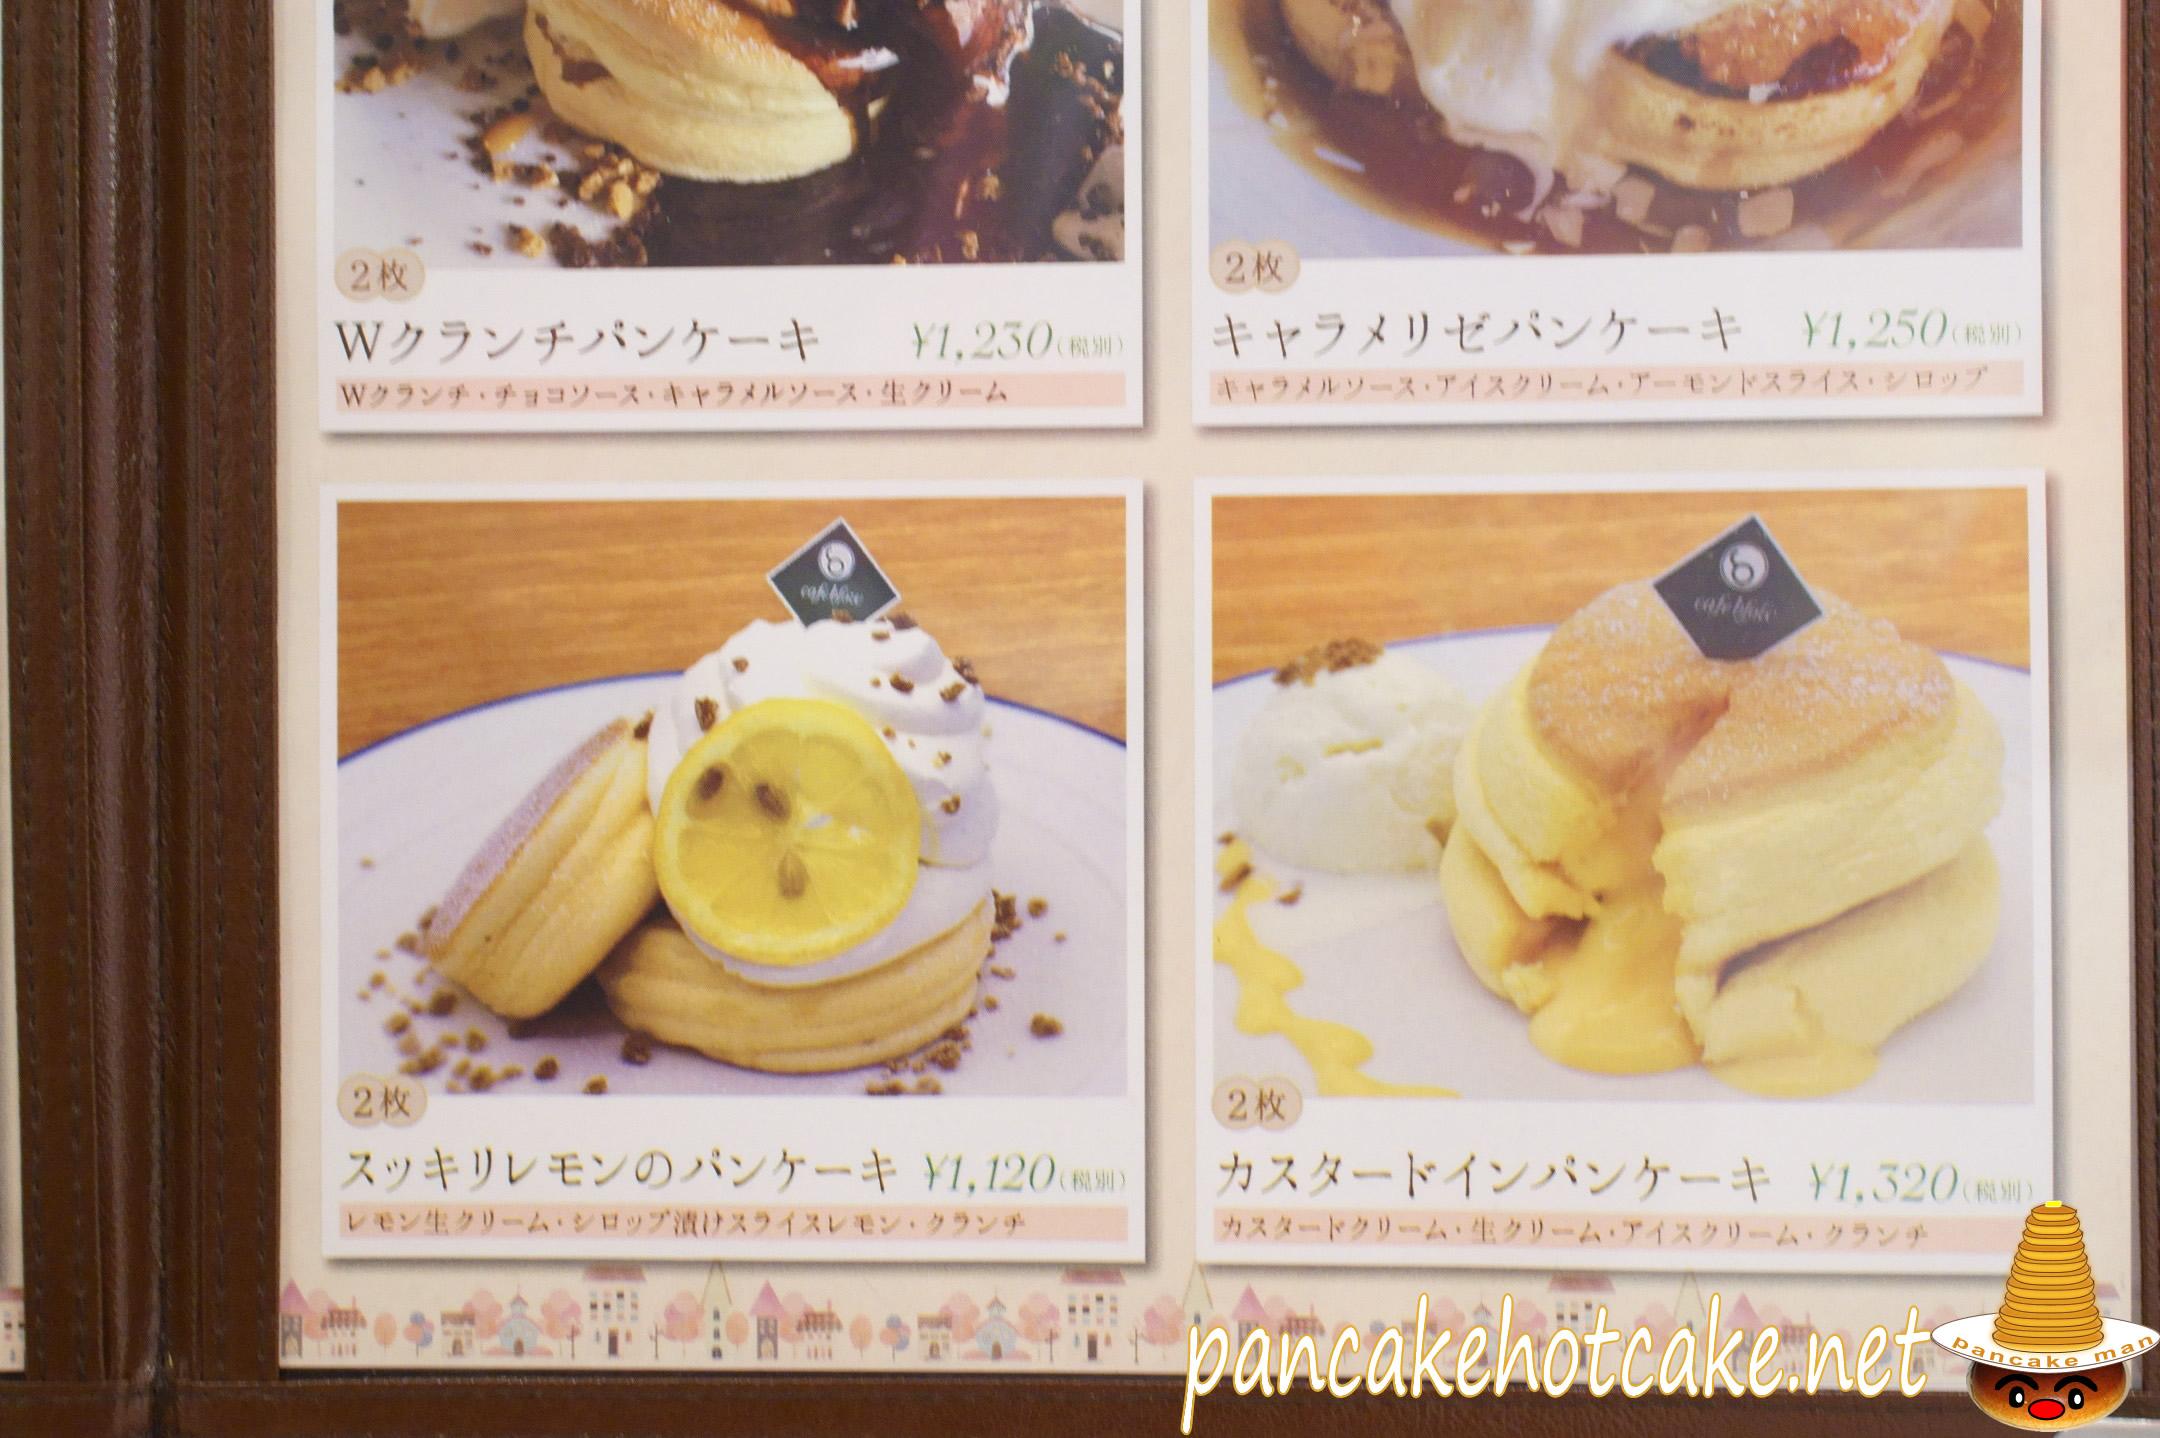 カスタードインパンケーキ(2枚) ¥1320円Cafe blow和泉府中店